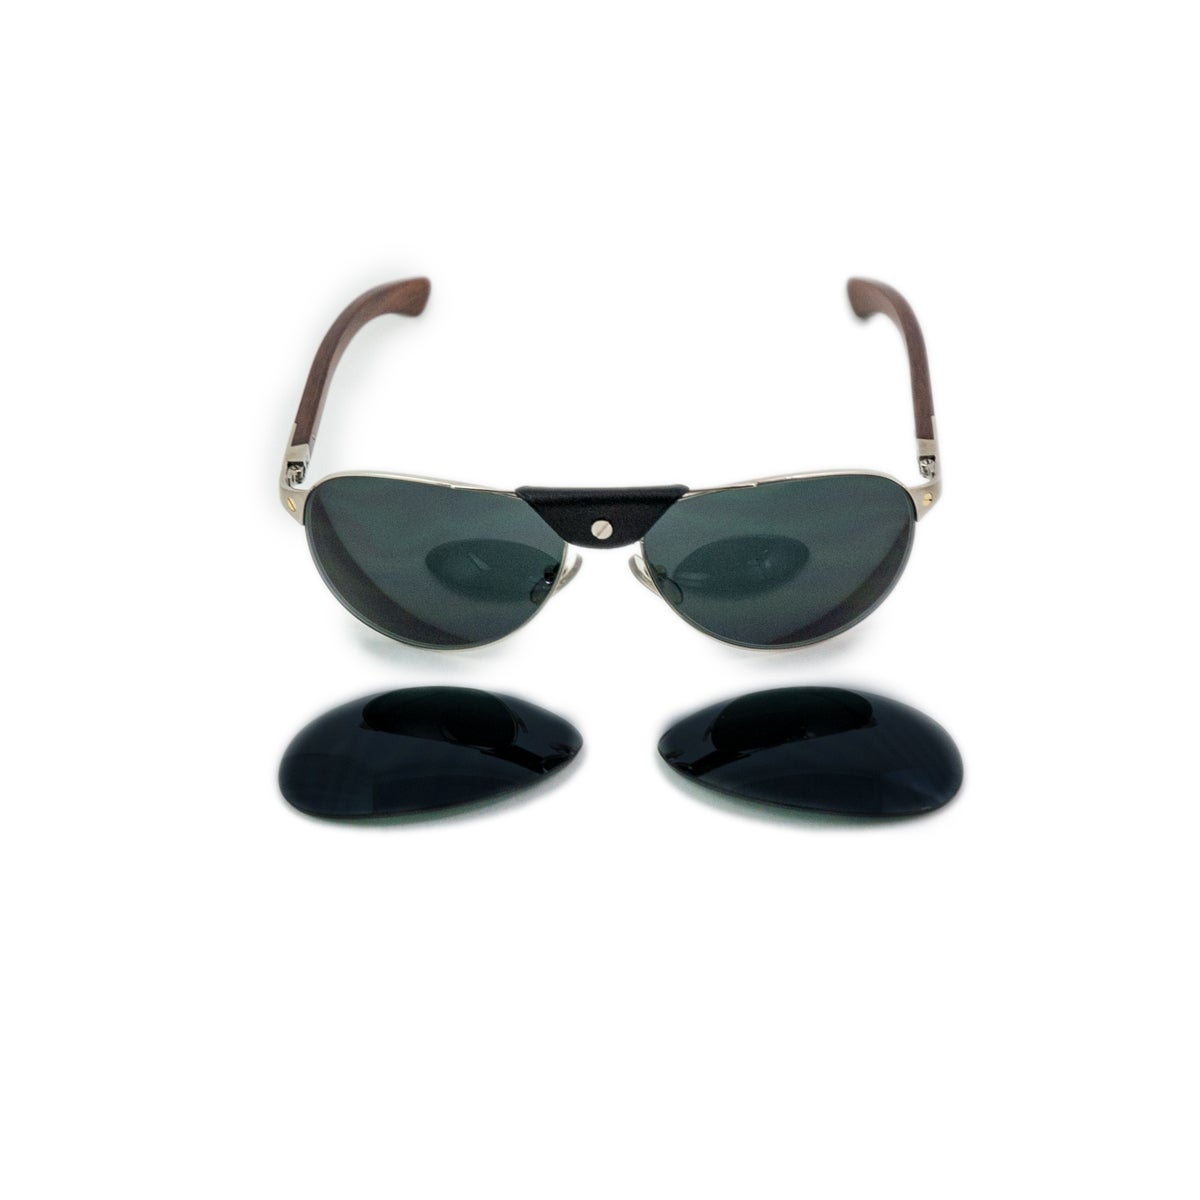 2d907d3df2 Cartier Santos Dumont Aviator Sunglasses at 1stdibs